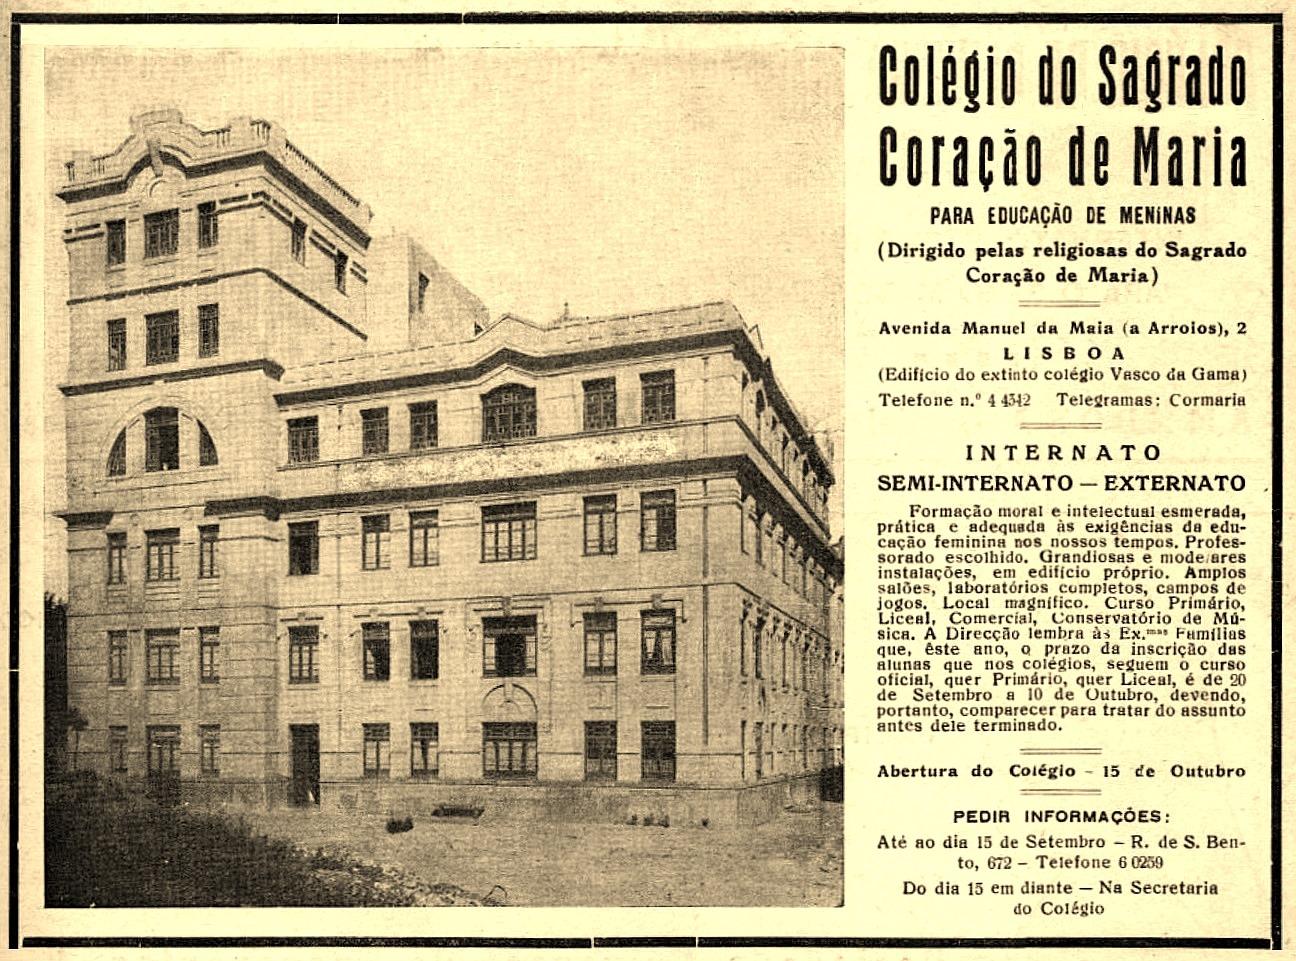 [1941-Colgio-sagrado-Corao-de-Maria-1]